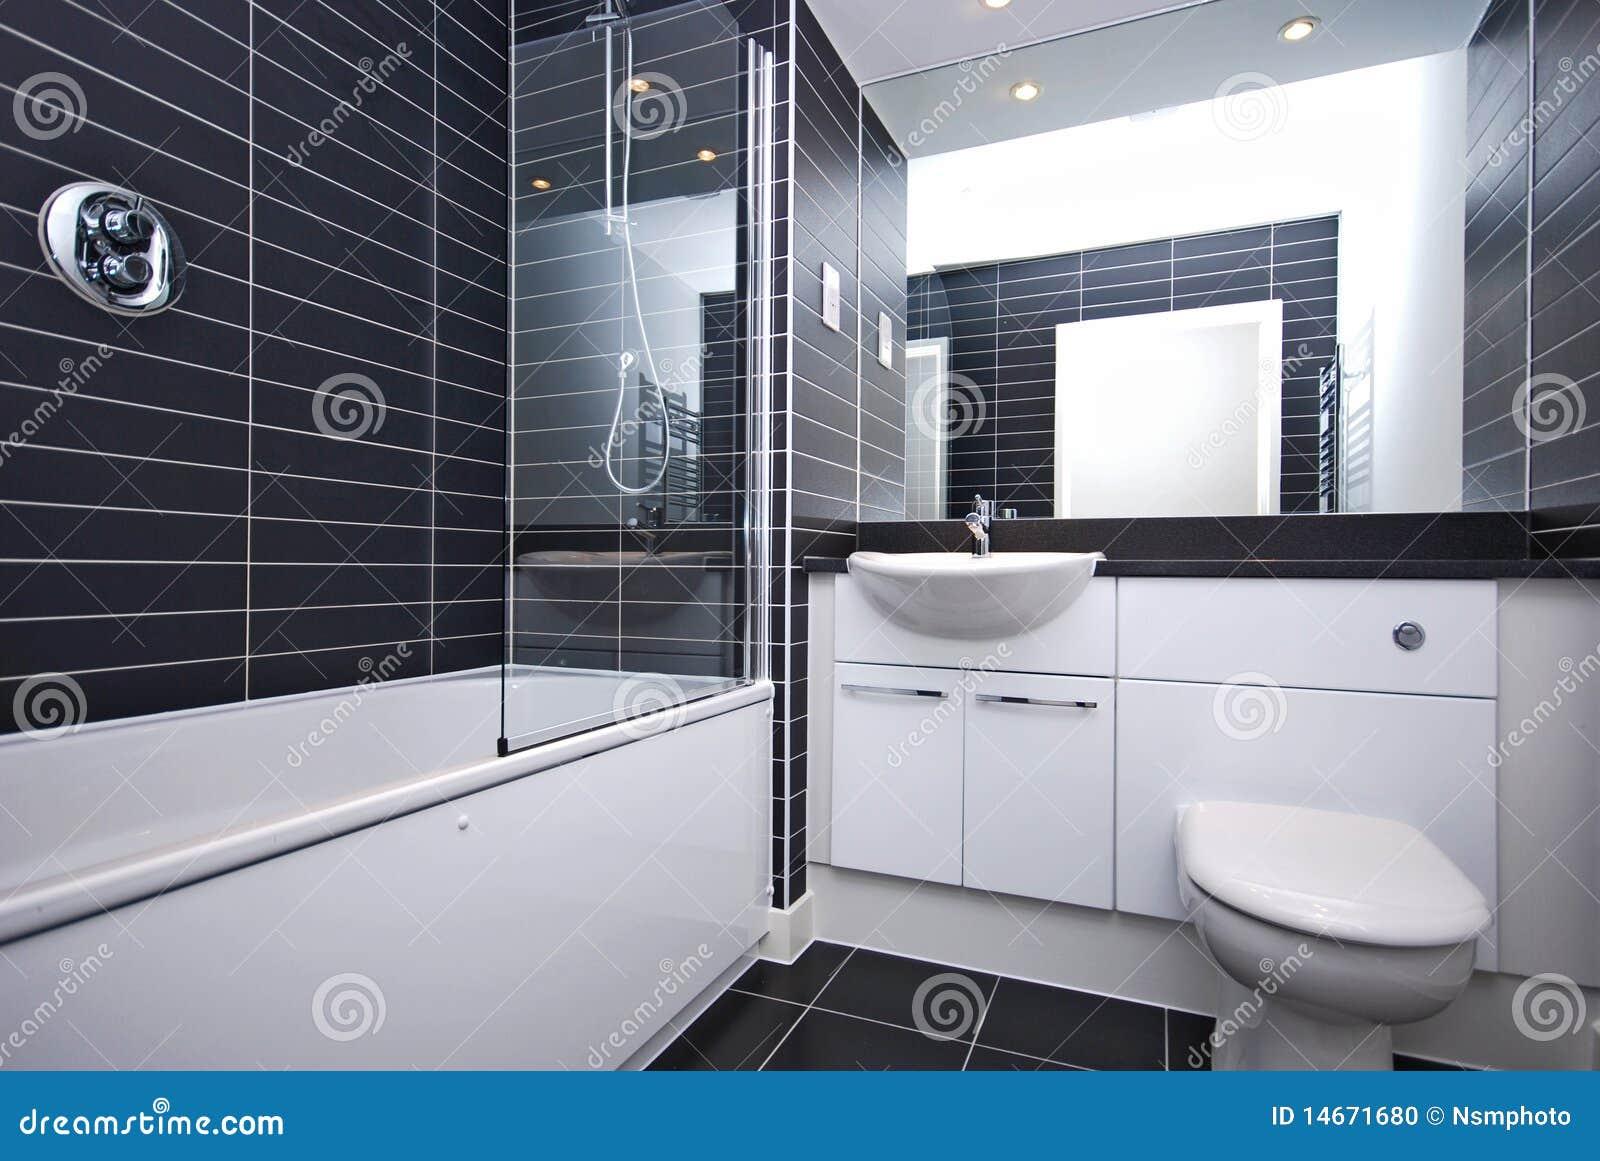 preto e branco com a grande cuba de banho a bacia de lavagem #82A229 1300 960